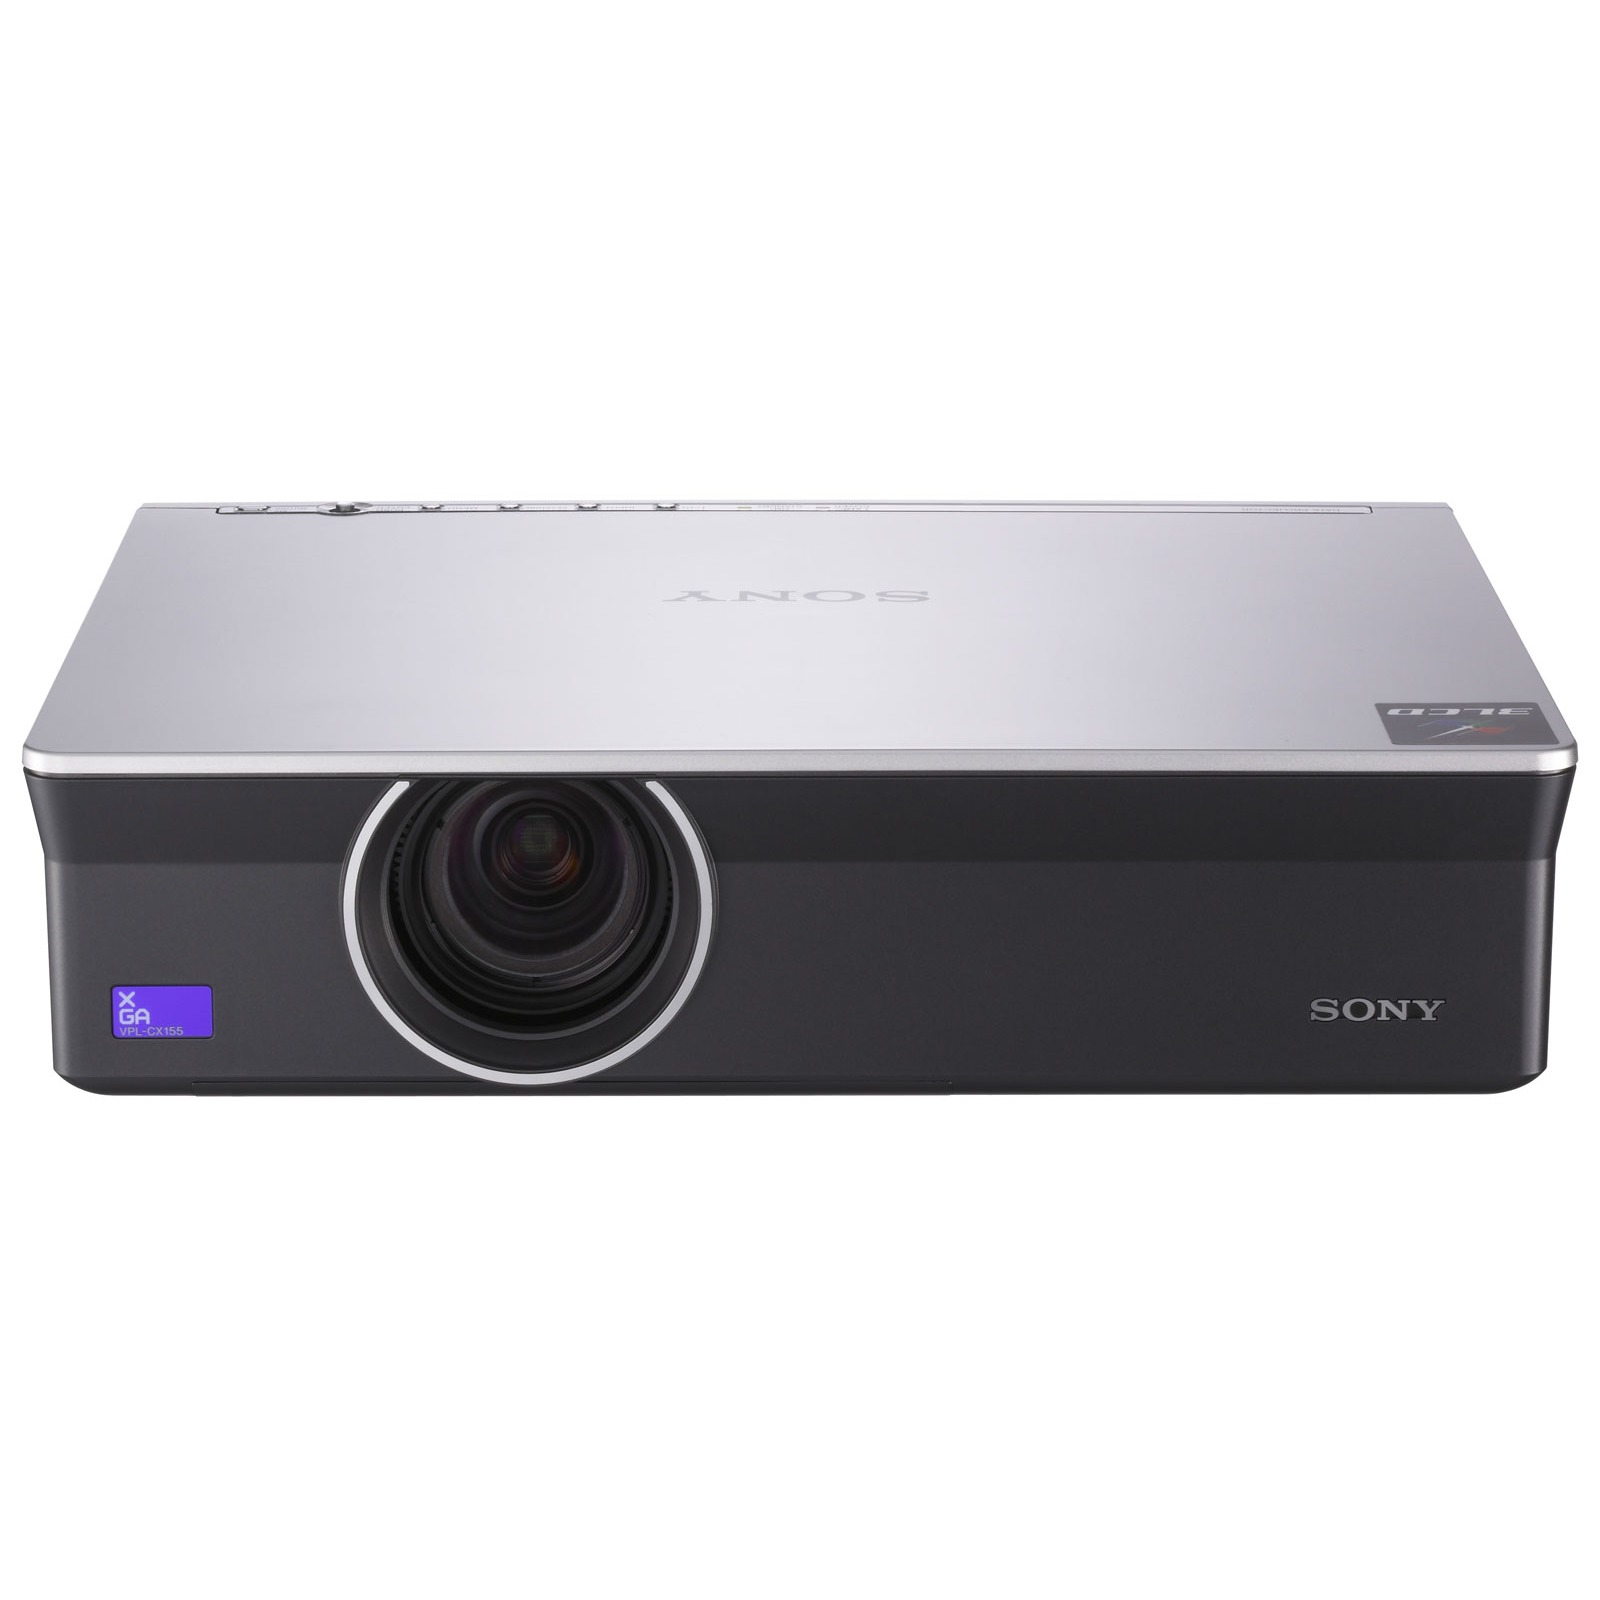 Sony vpl cx125 vid oprojecteur sony sur ldlc for Meuble videoprojecteur